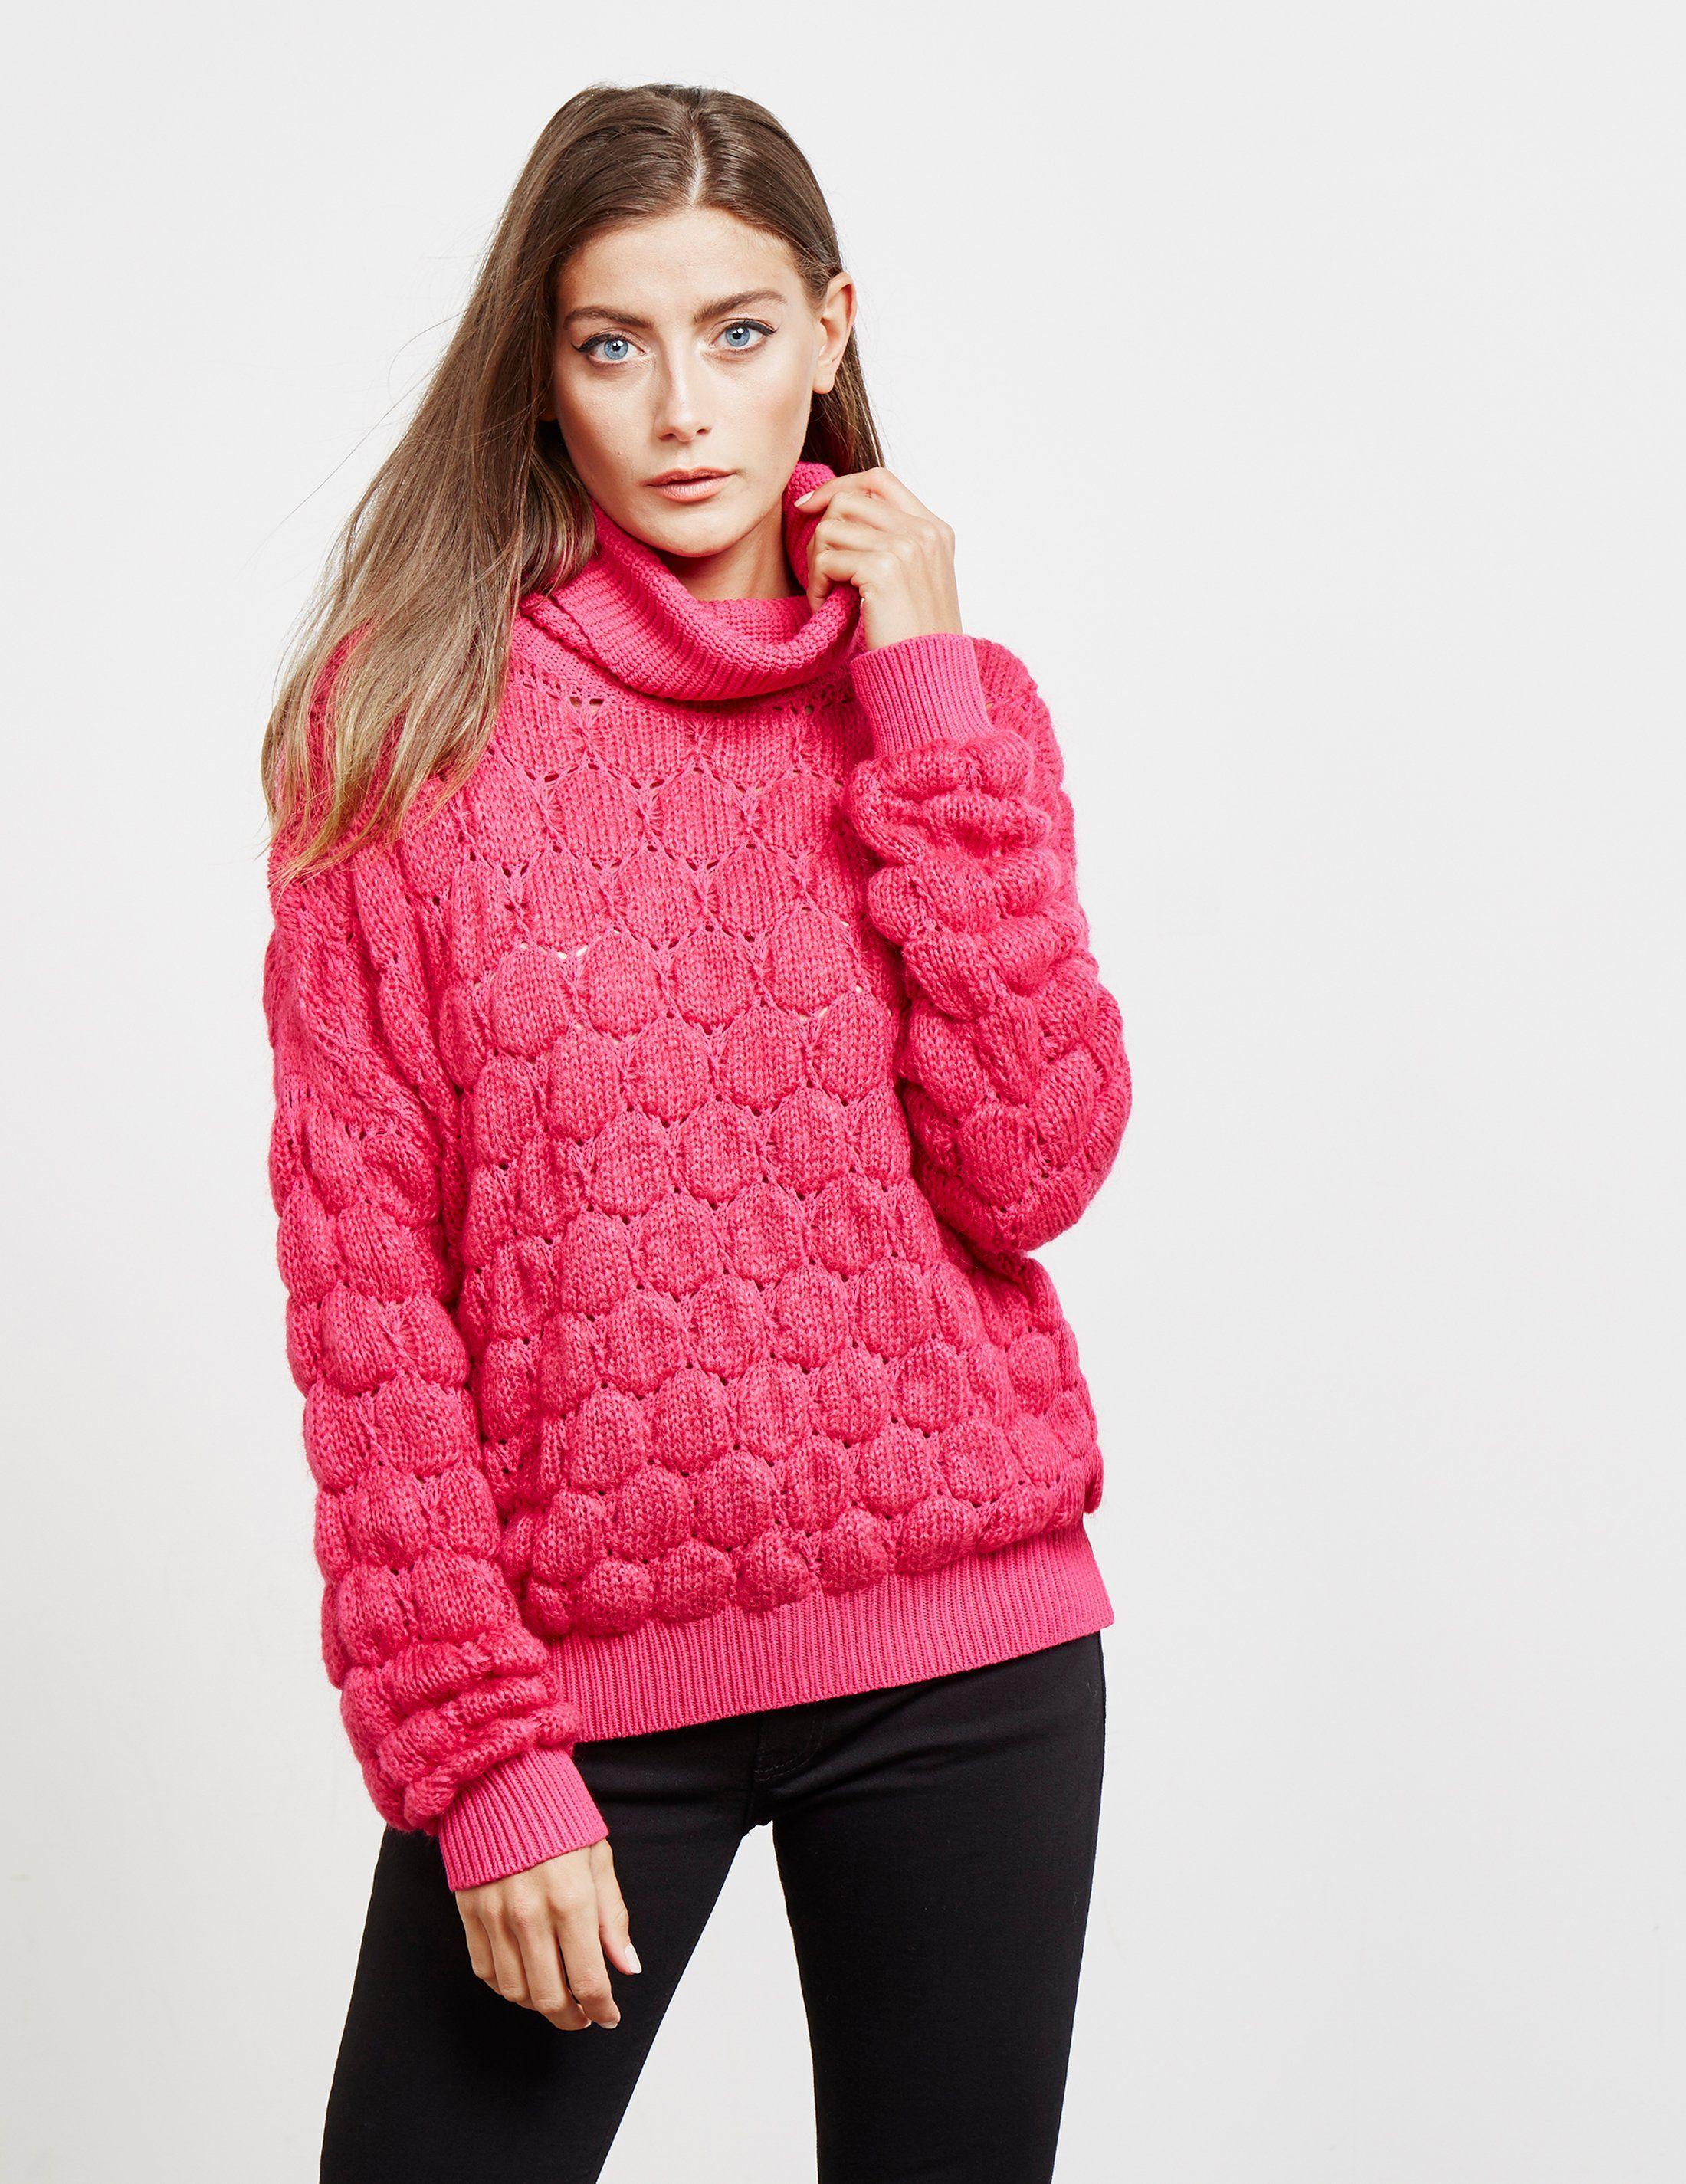 BOSS Oversized Knitted Jumper